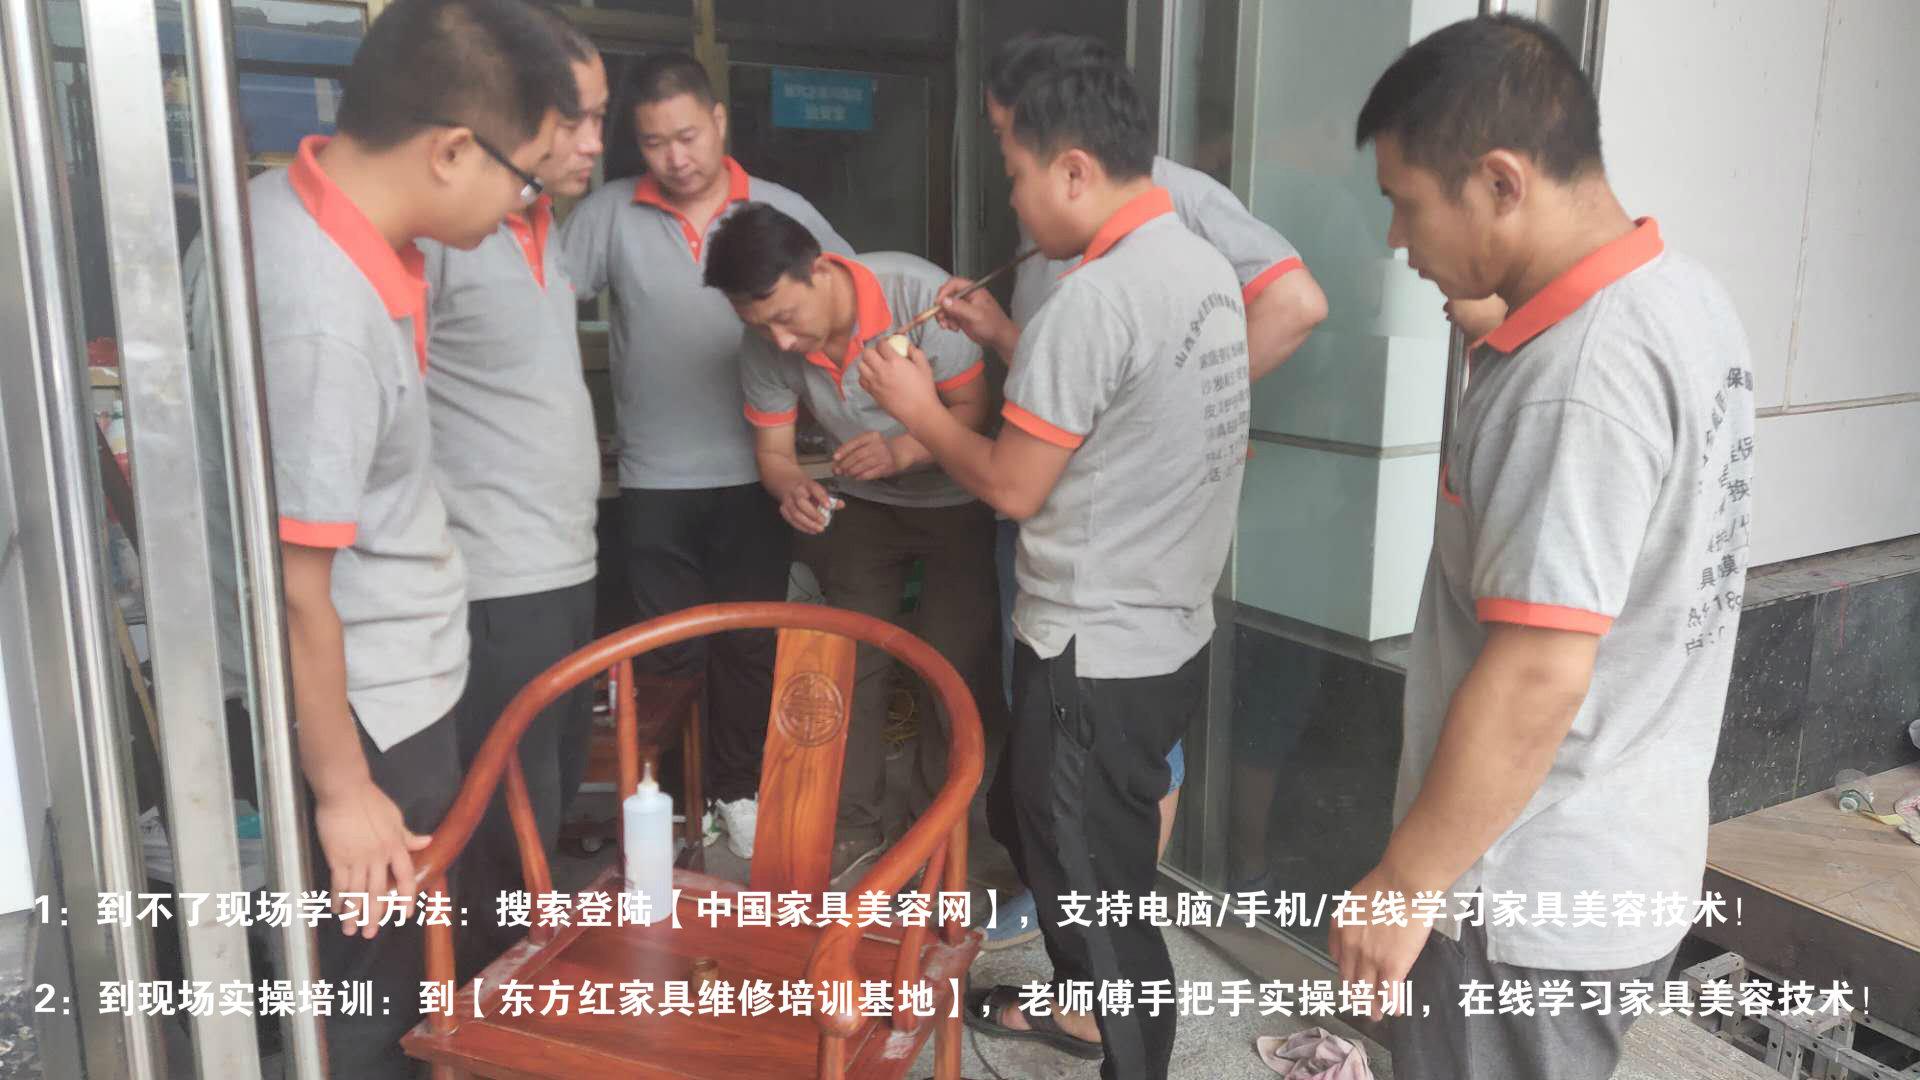 【中国家具美容网好手艺】让每一个培训学员打开就业门-家具美容网